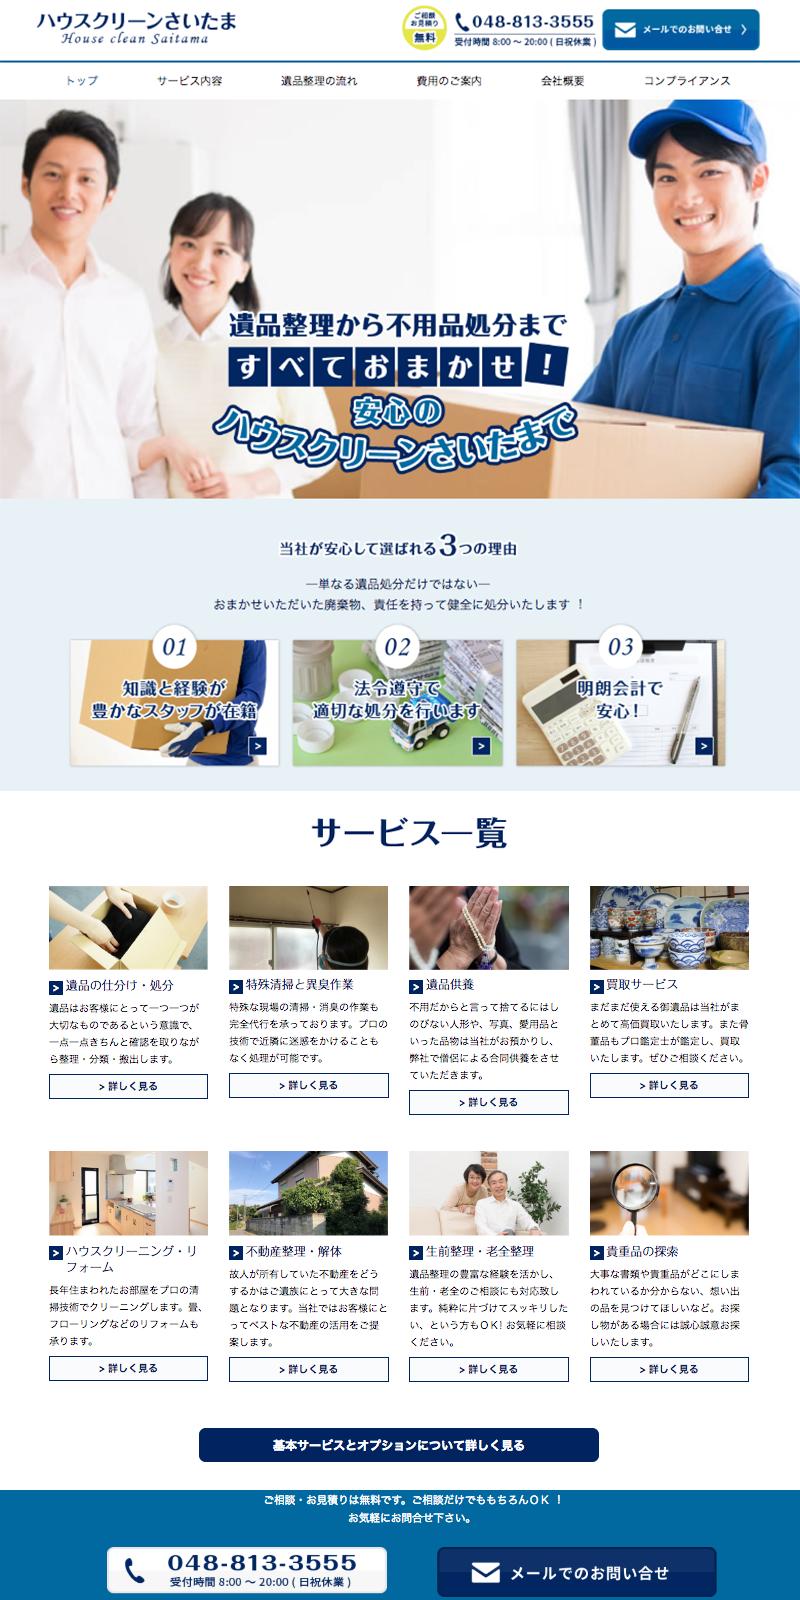 【制作事例】ハウスクリーニング業   Jimdoでサイト制作